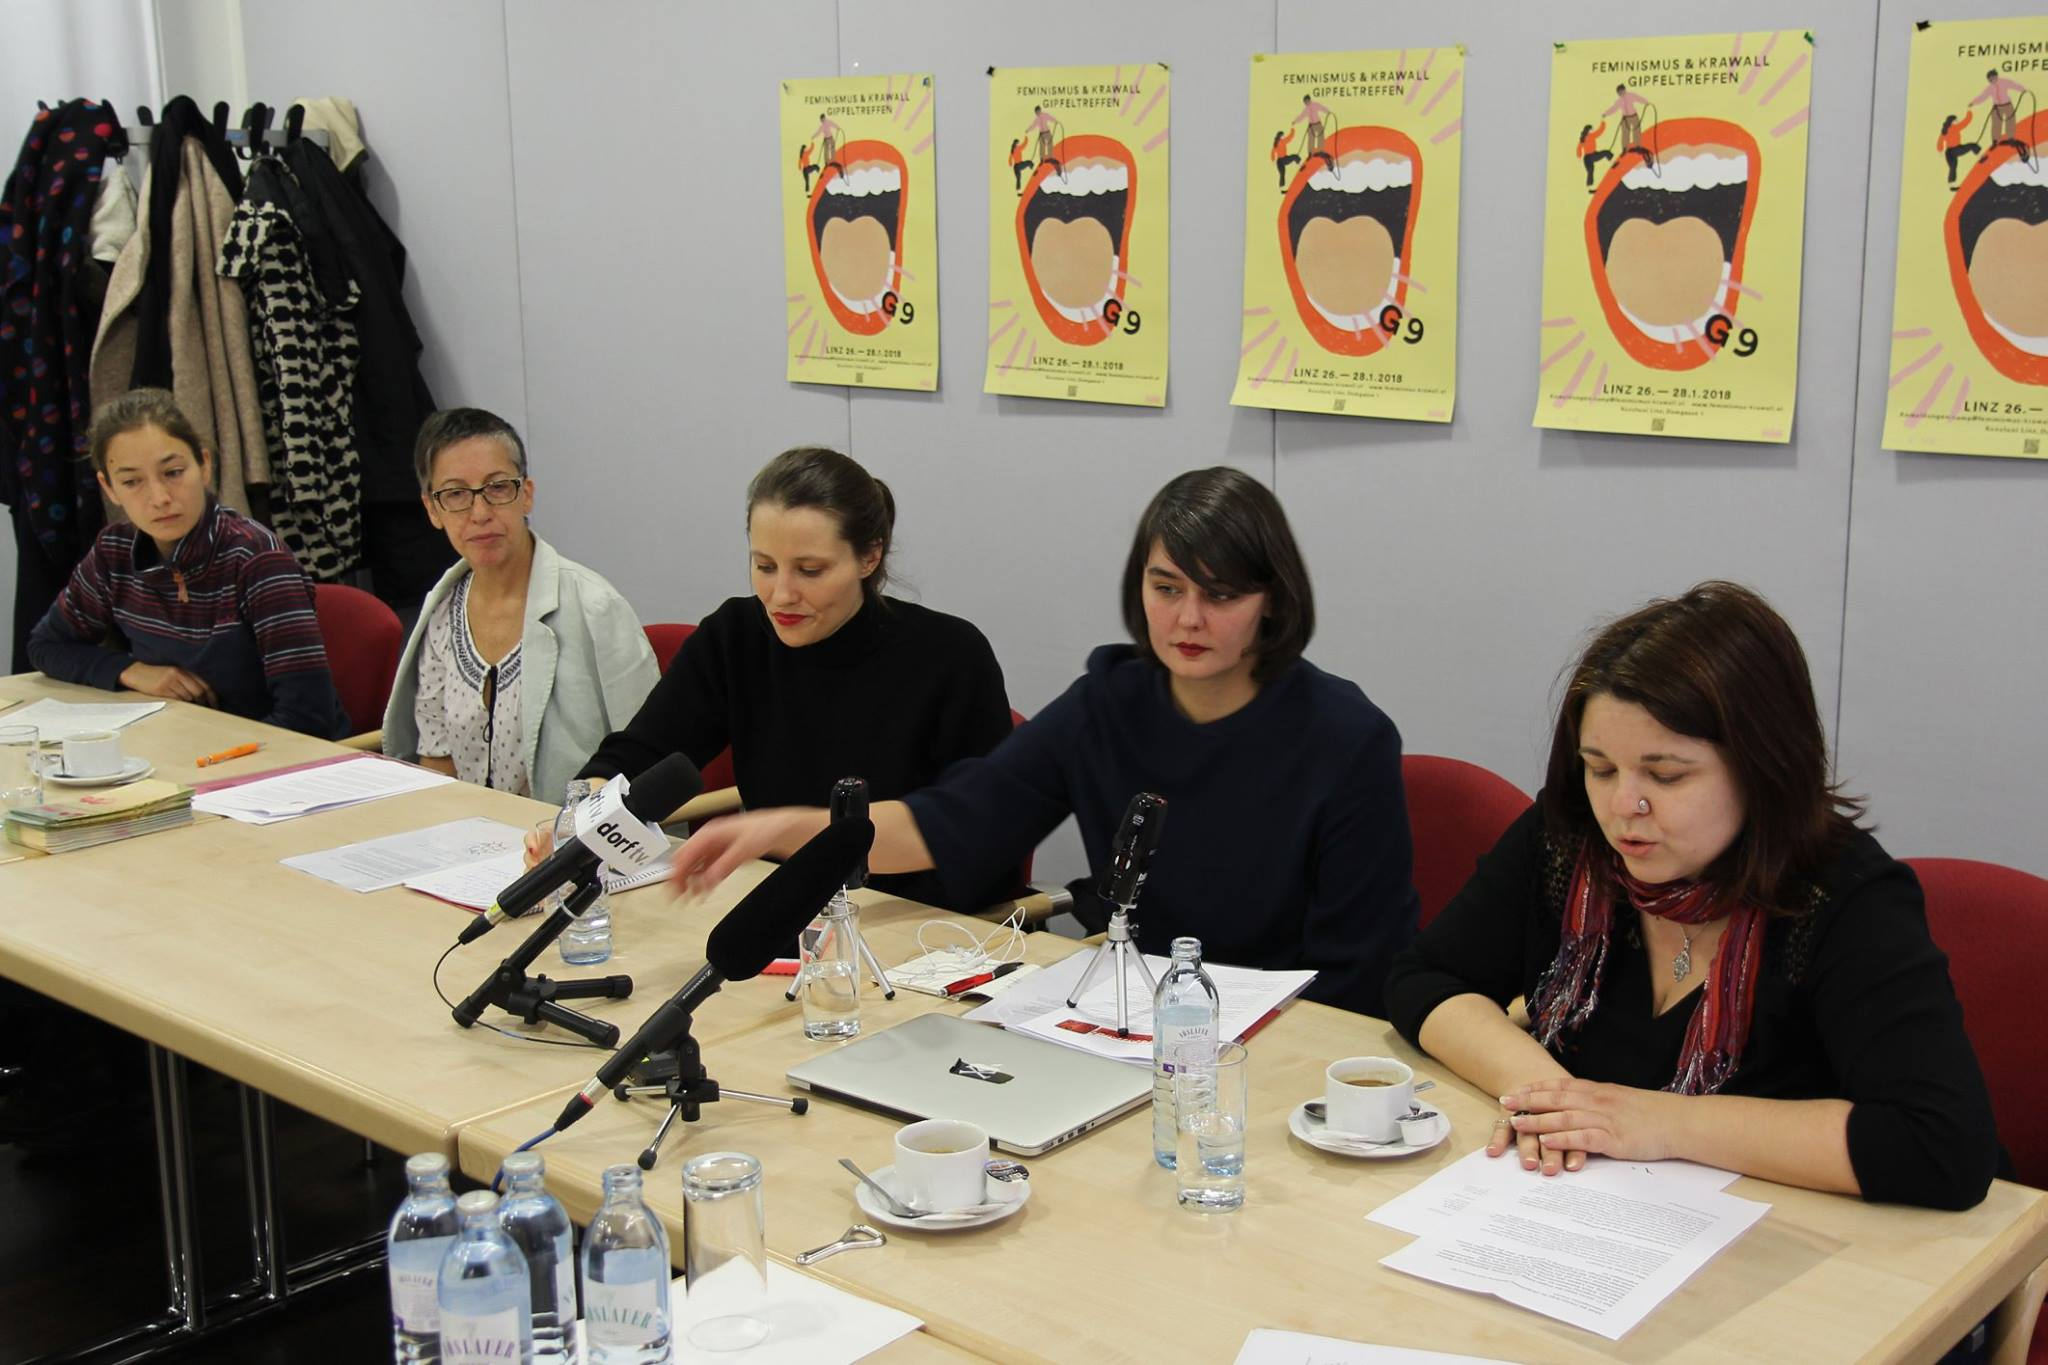 OÖ: FPÖVP streicht Frauenberatung | slp.at